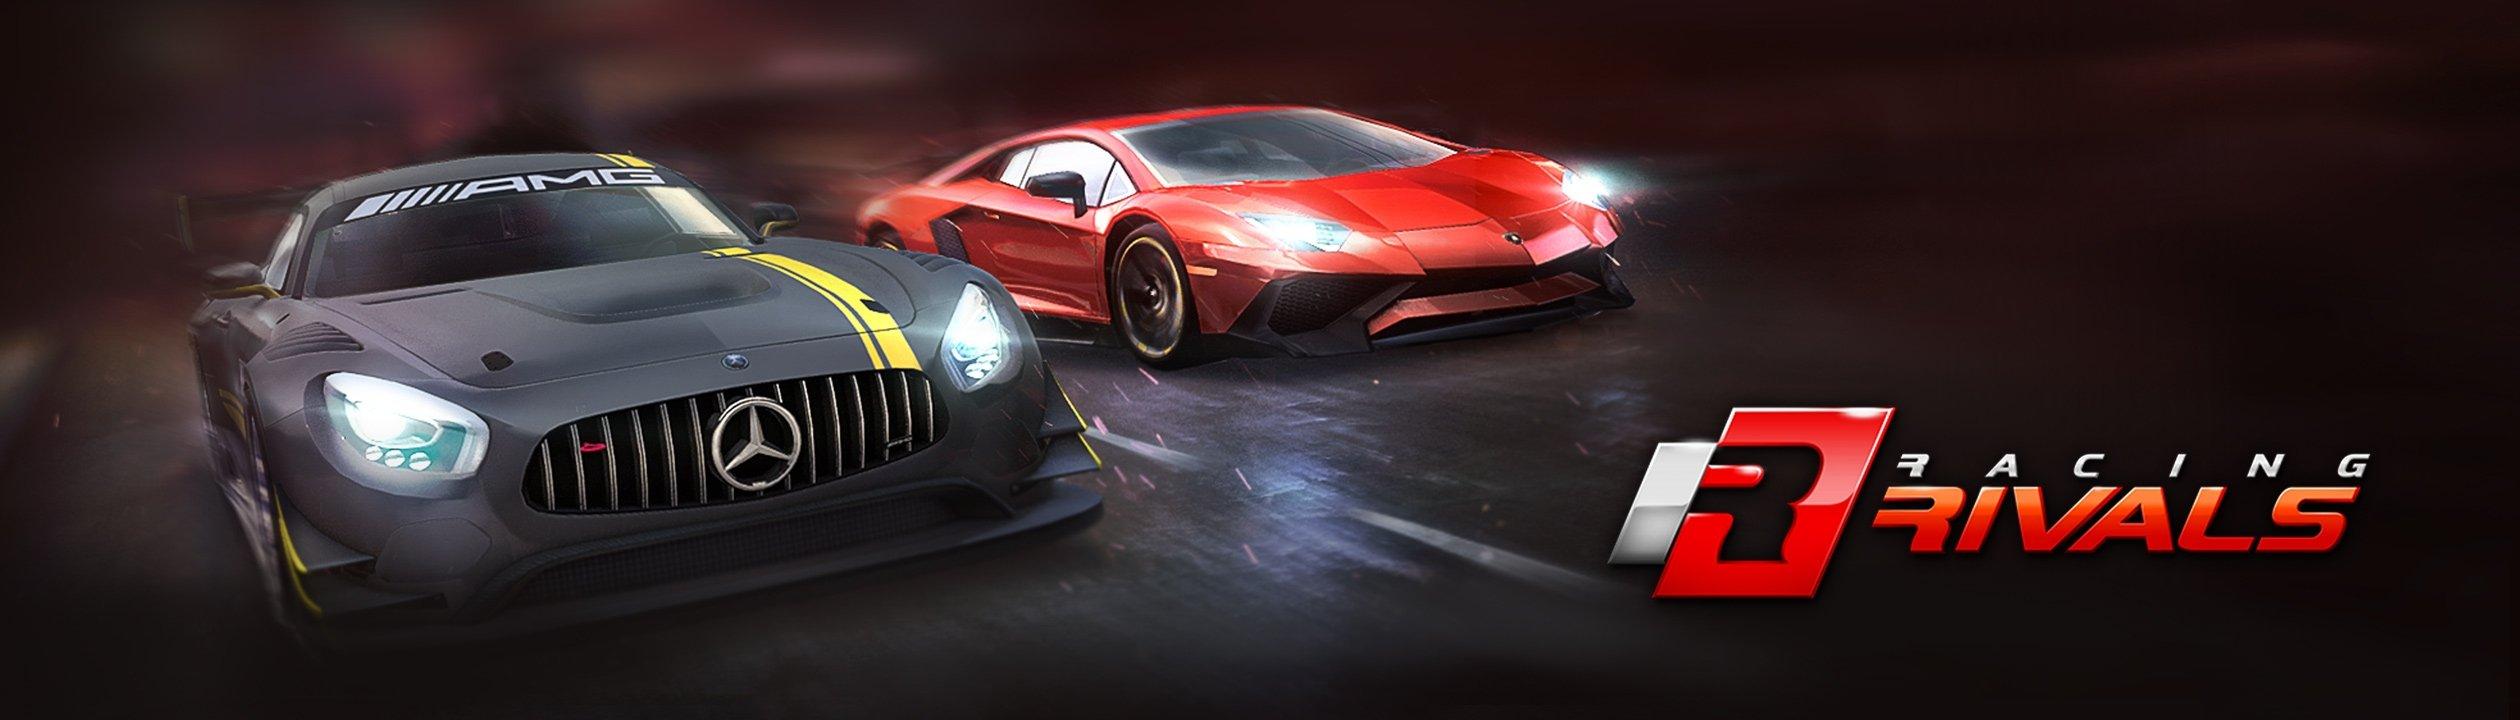 Resultado de imagem para Racing Rivals site:glu.com